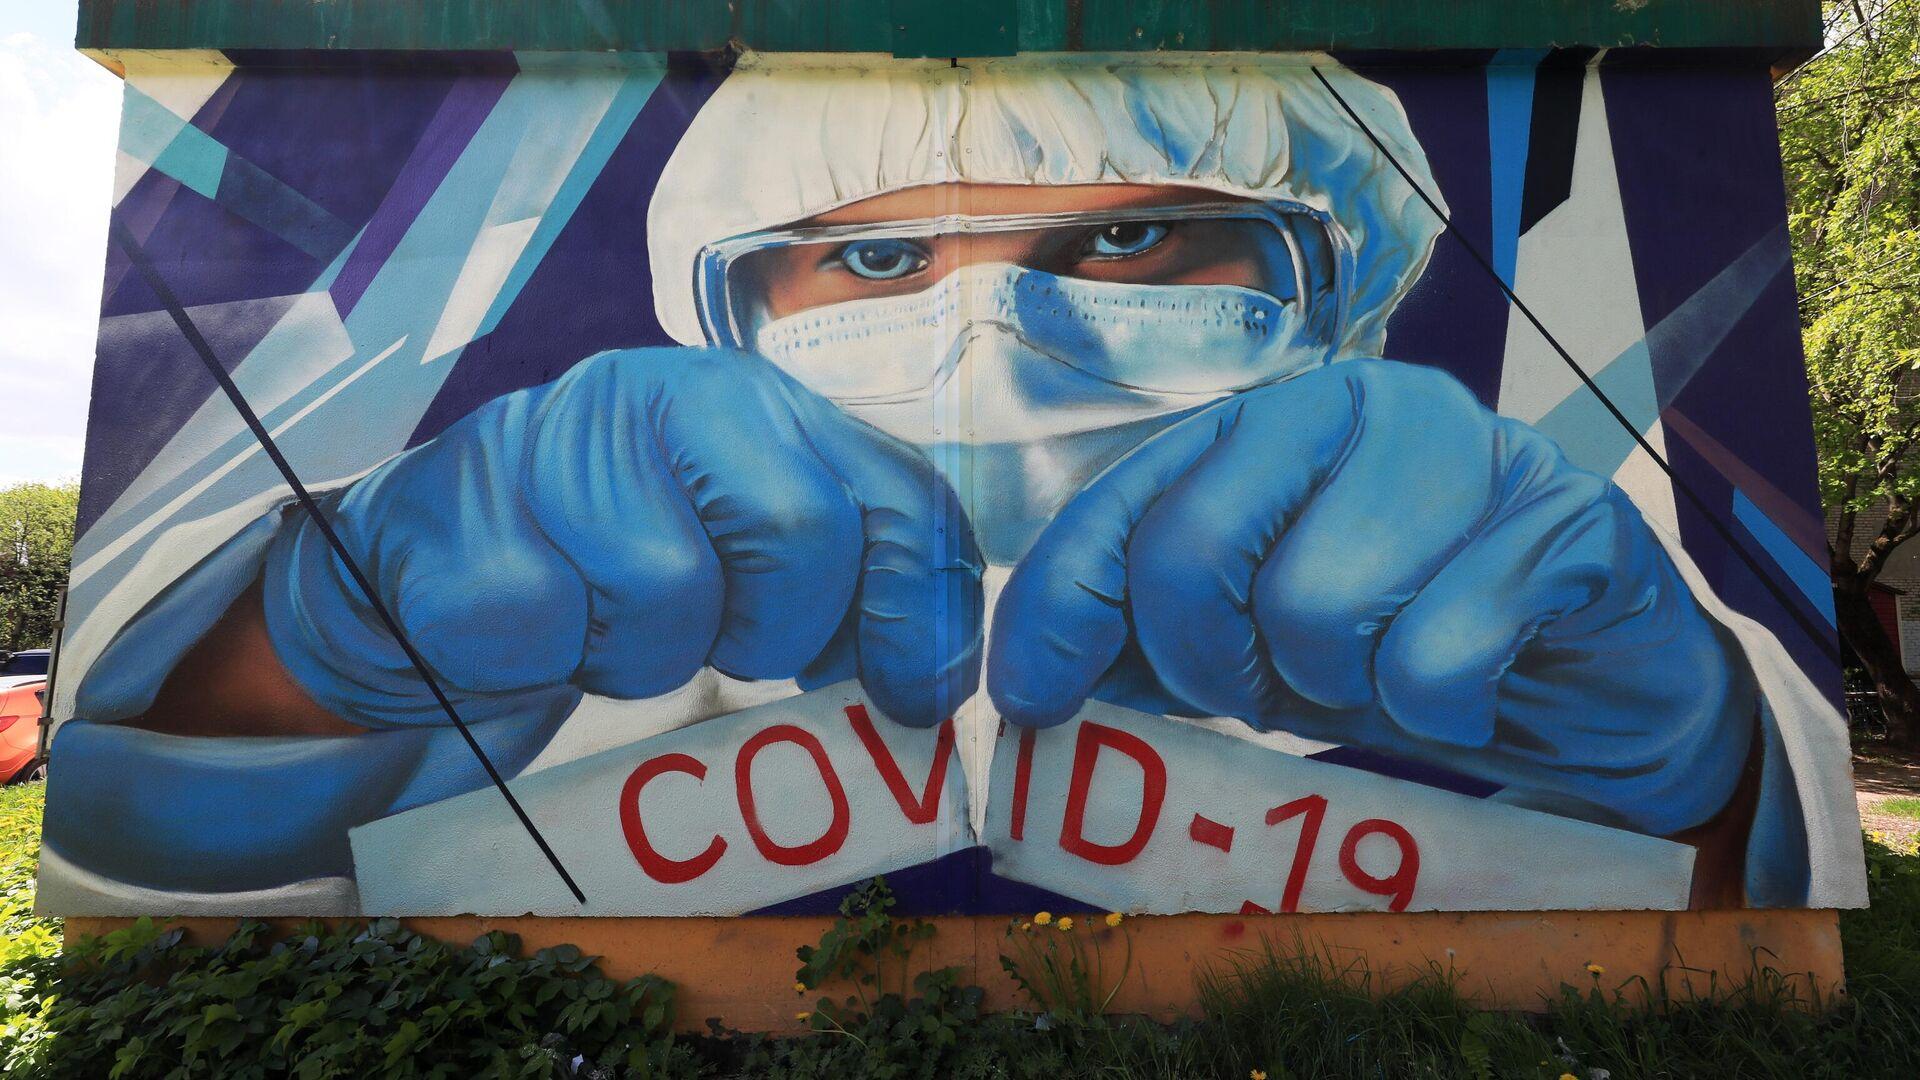 Граффити в поддержку врачей в борьбе с COVID-19 в Красногорске - РИА Новости, 1920, 23.07.2020